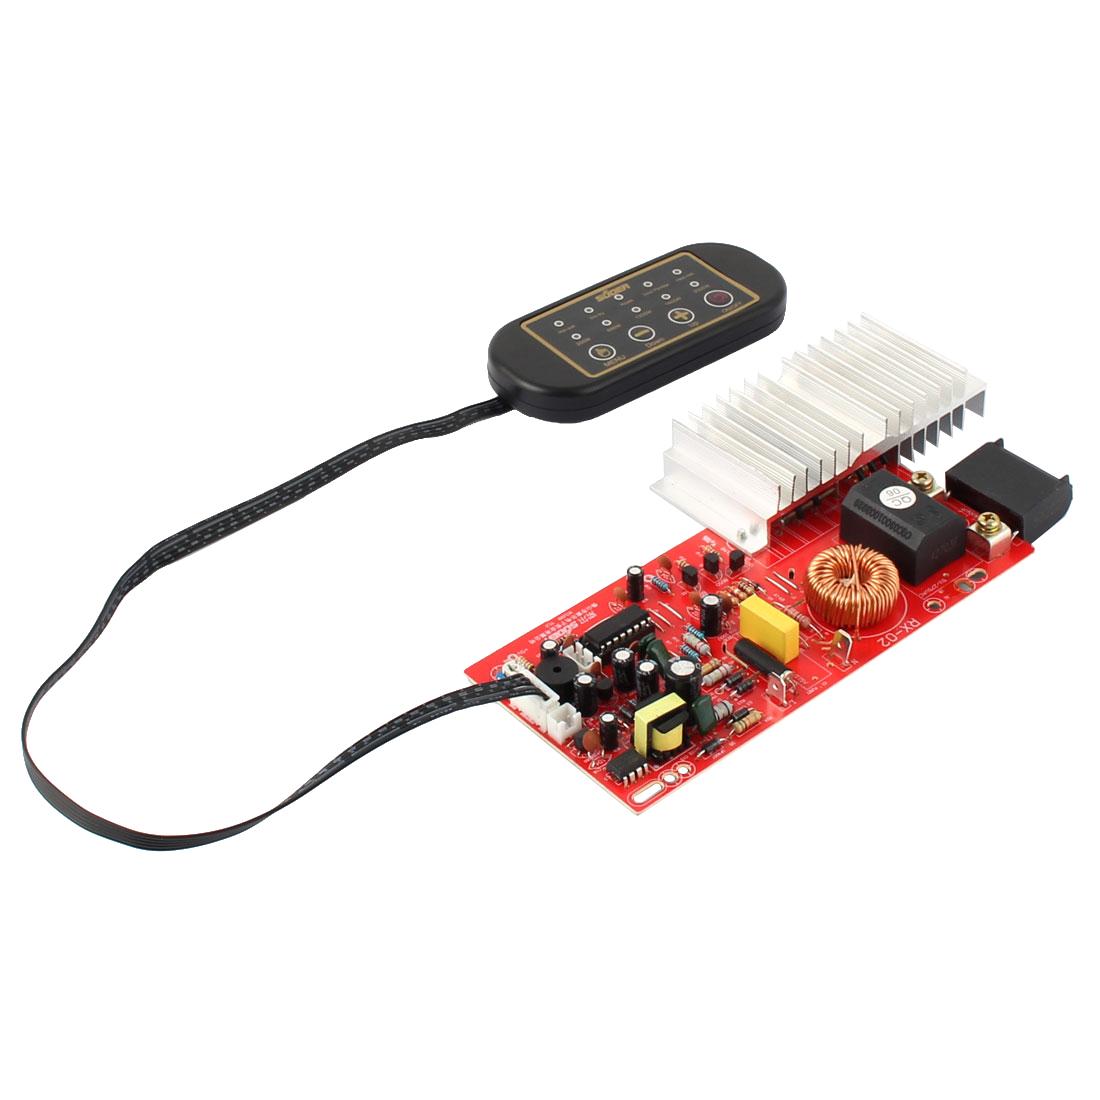 PCB Circuit Induction Cooker Controller Repairing Repair Replacement Part Board